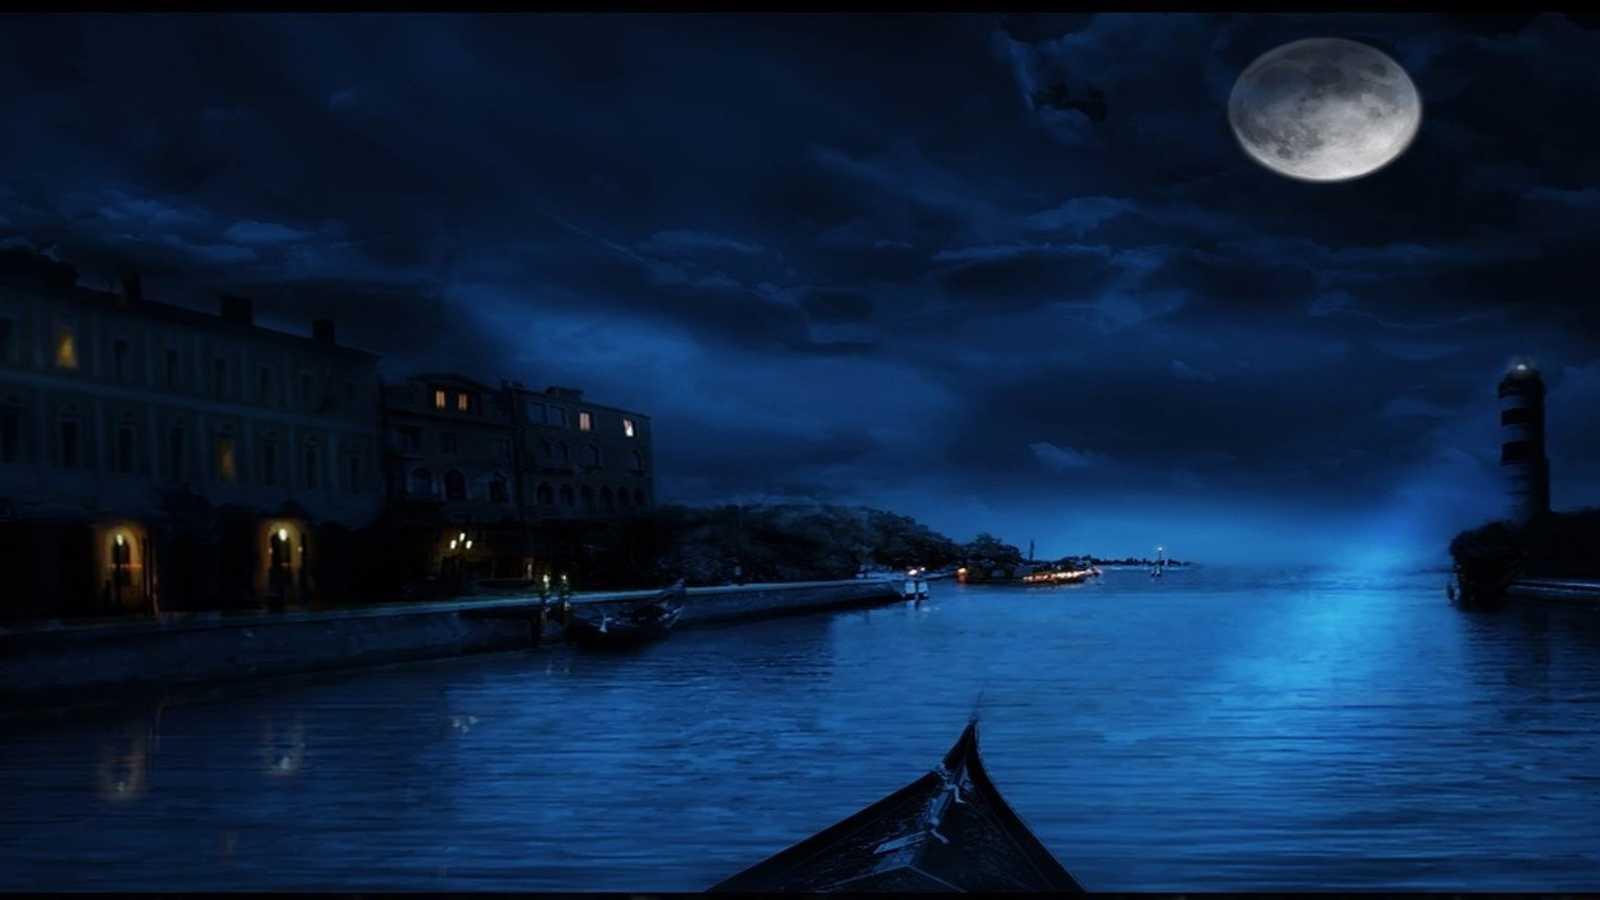 http://4.bp.blogspot.com/-yOg_x8Il_3U/UNOy3caaDAI/AAAAAAAAdKQ/kOQ6gy3alZM/s1600/tn_Luna_Llena_en_Venecia-1024x768-219937.jpeg